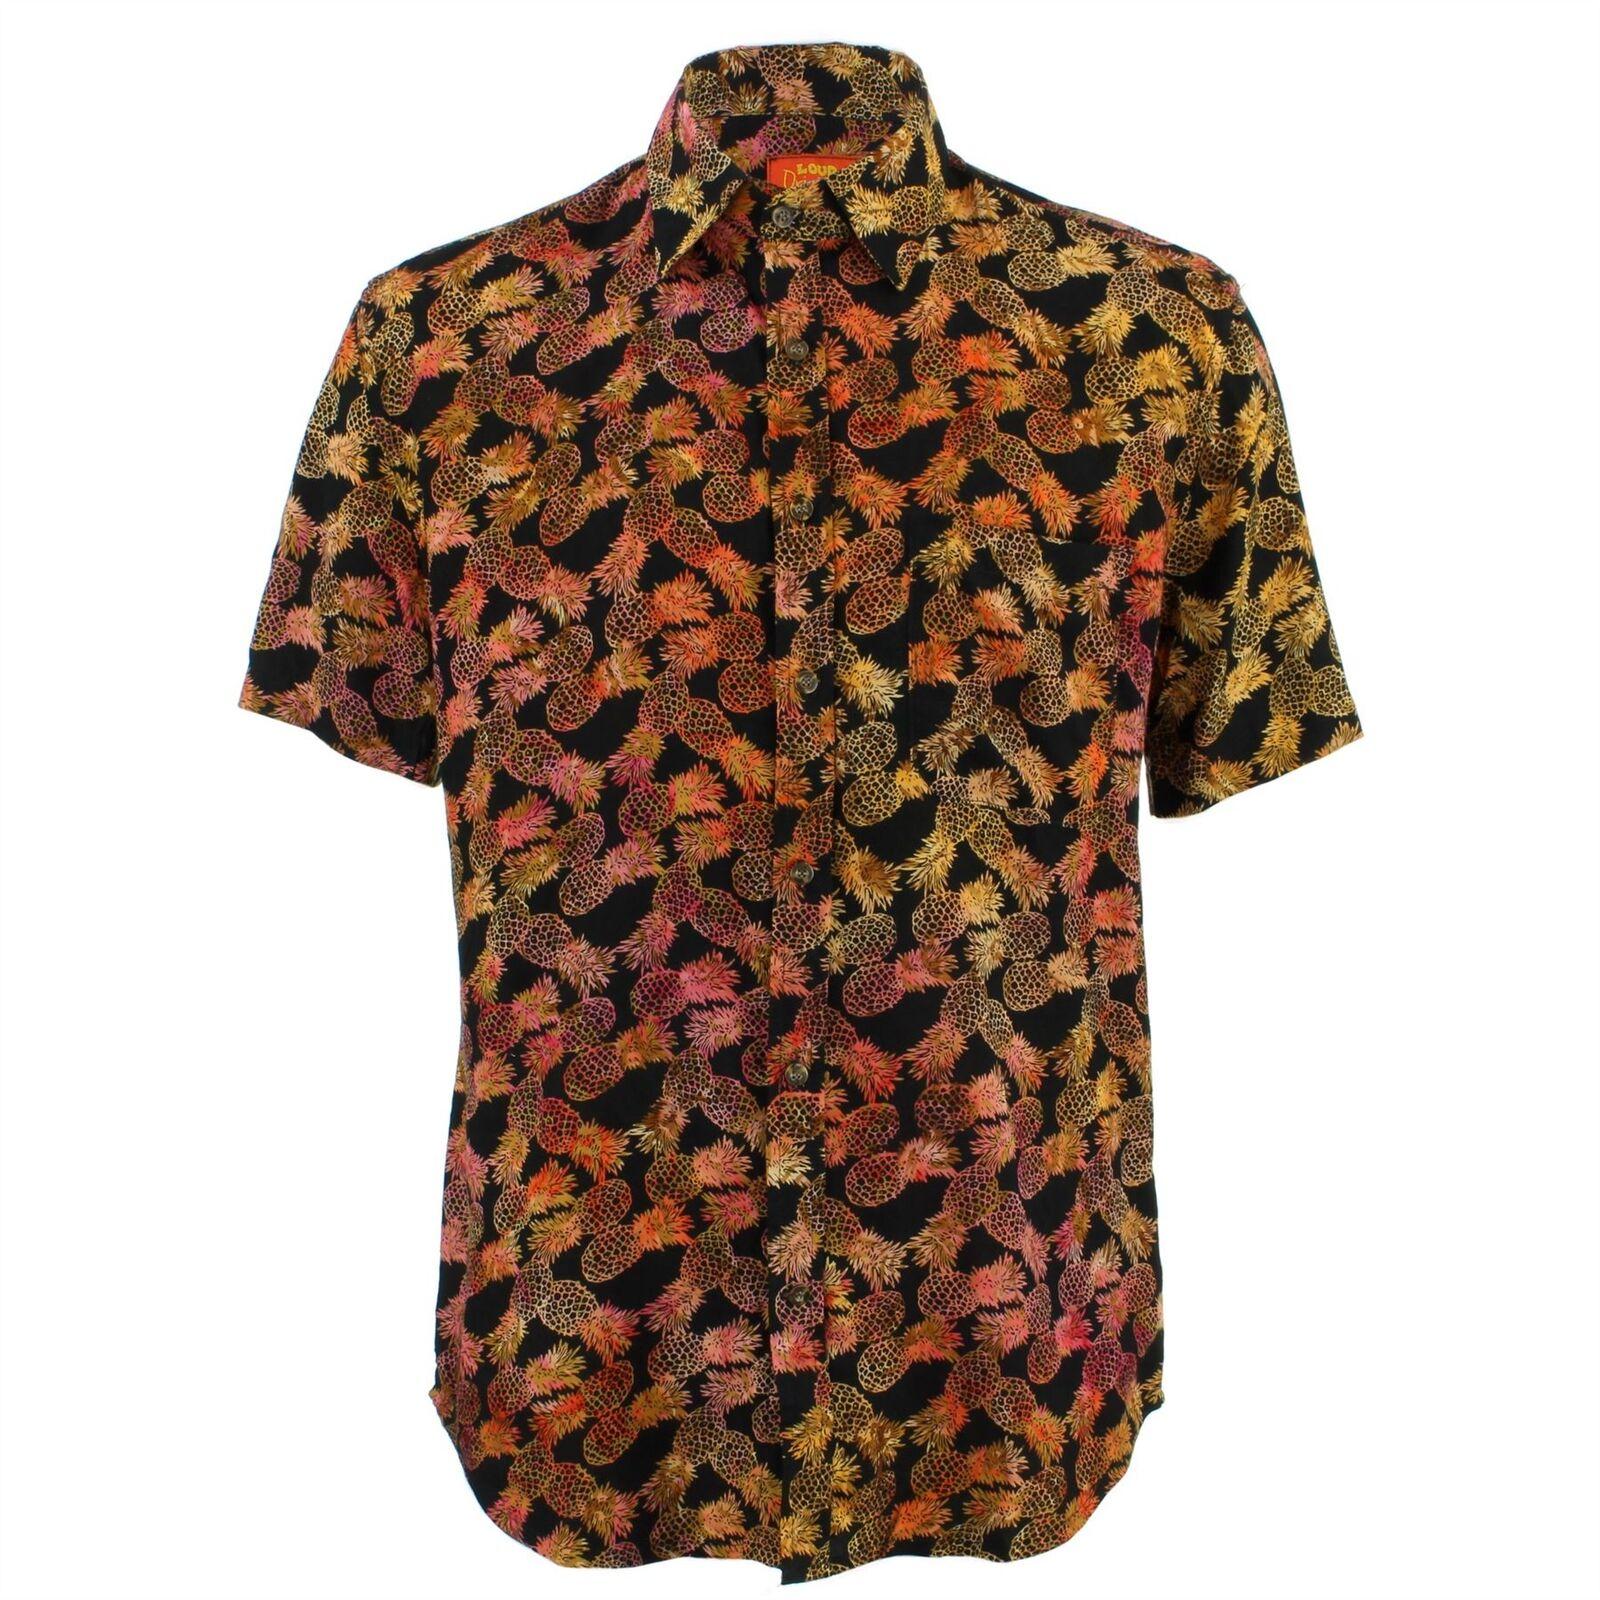 uomo Forte Camicia Tailored Fit ANANAS Nero Arancione Retro Psichedelico Costume